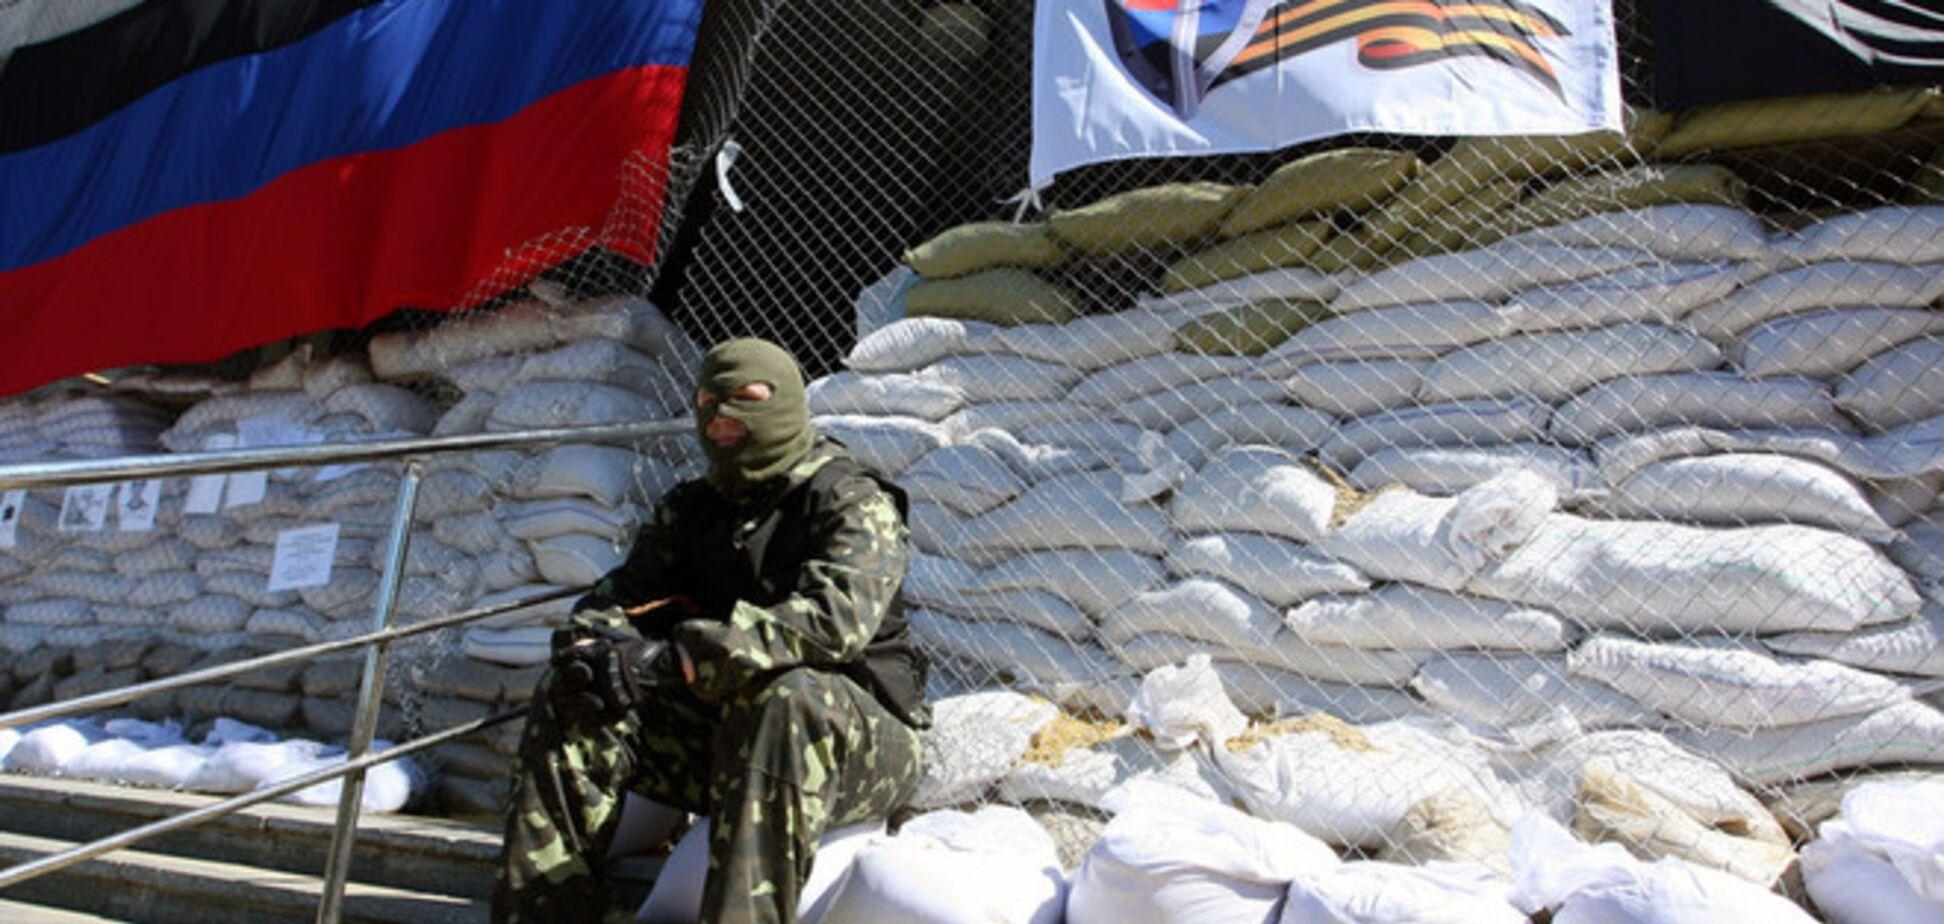 Влада РФ повинні відповісти за підтримку тероризму - Турчинов